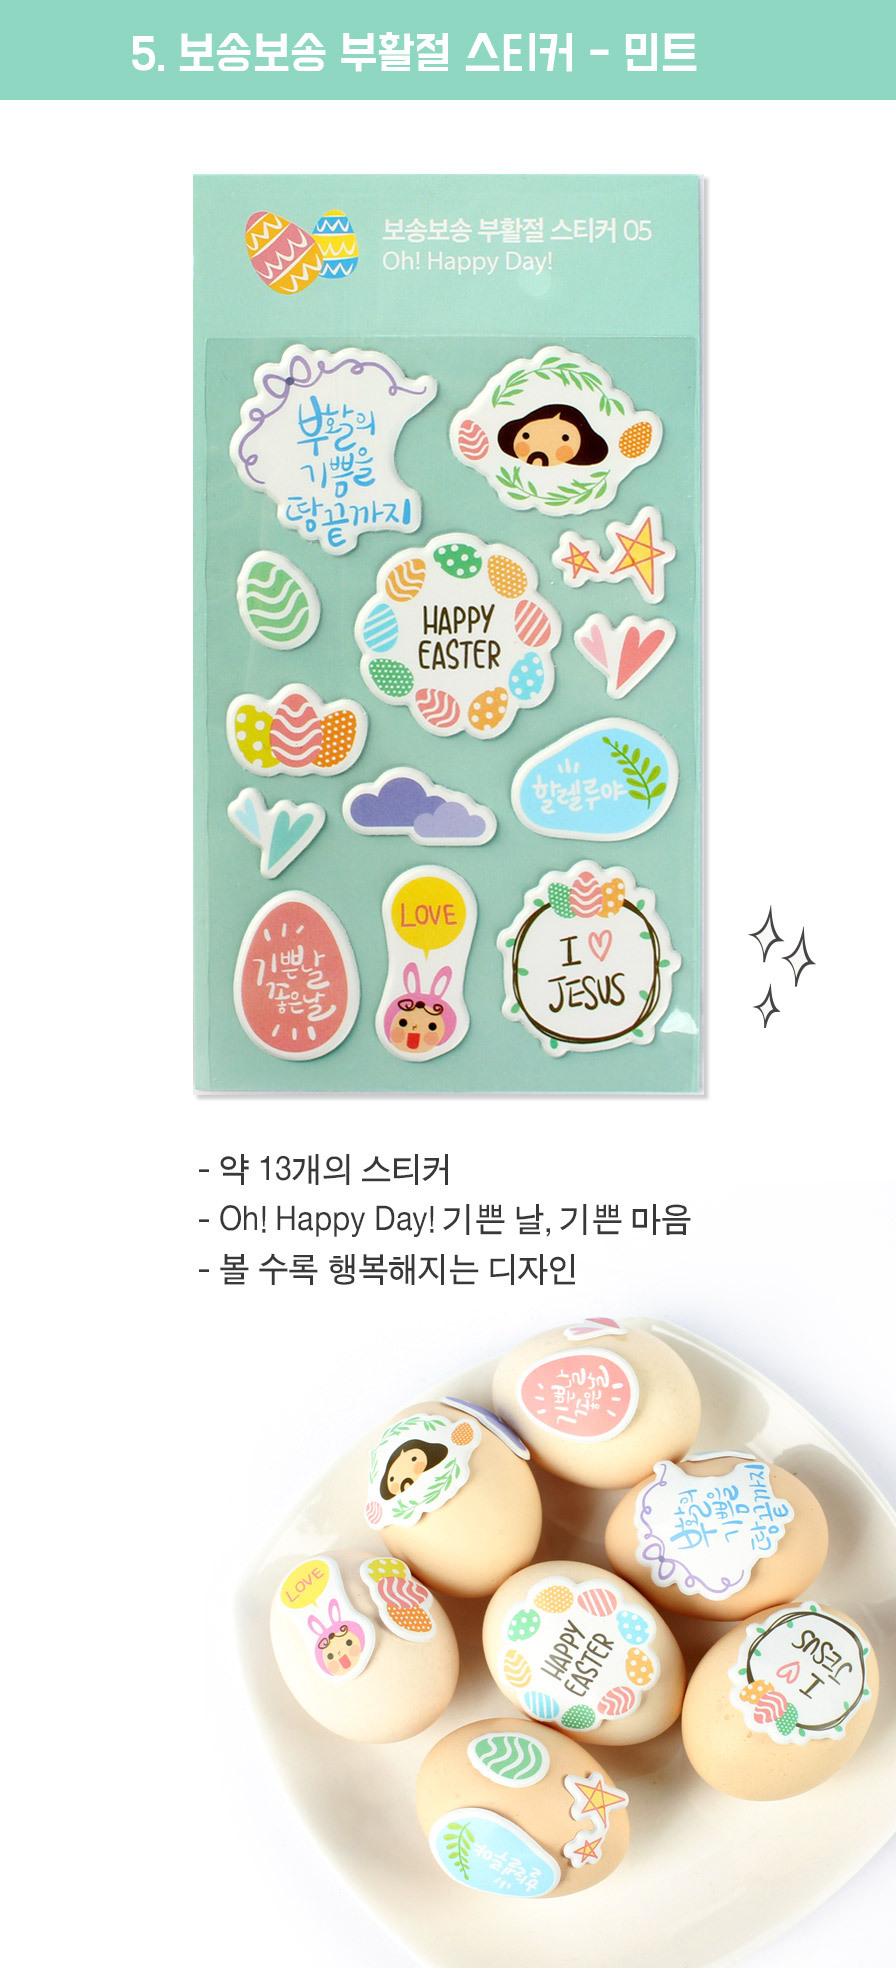 부활절 교회 달걀꾸미기 보송보송 스티커 E.민트 상세보기